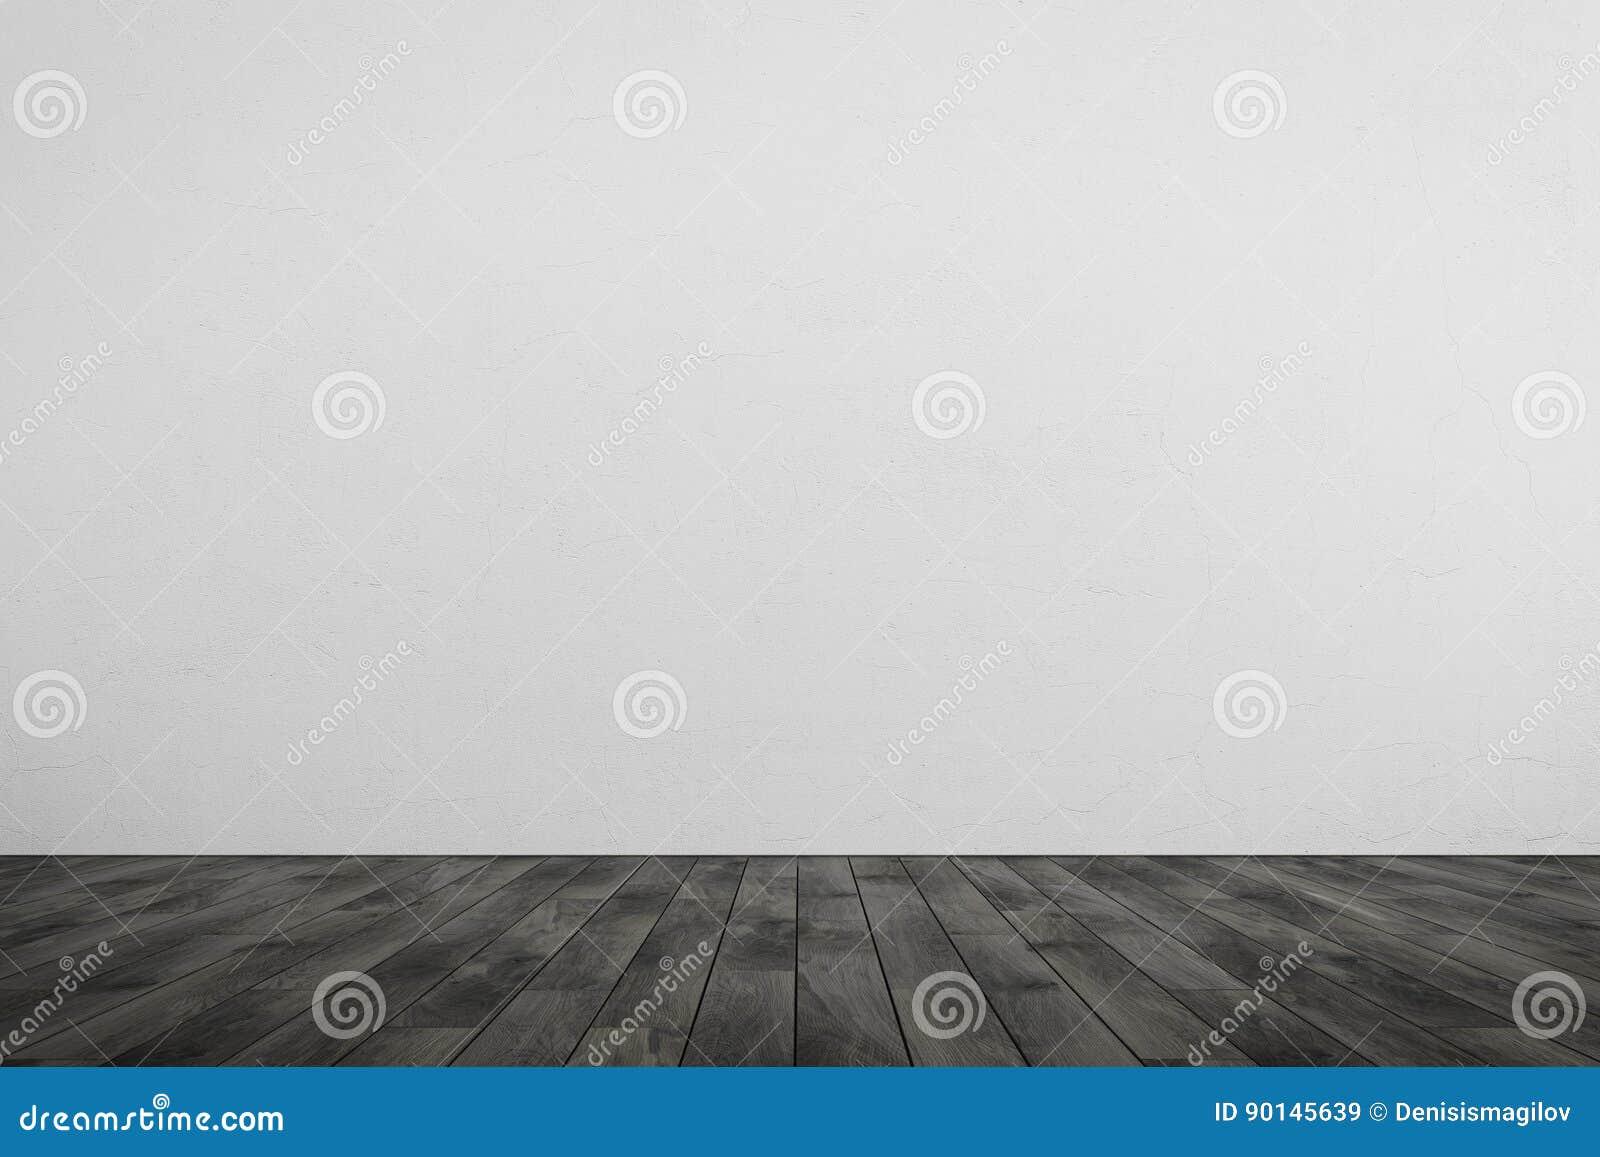 Houten Vloer Grijs : Lege ruimte witte muur grijze houten vloer stock illustratie